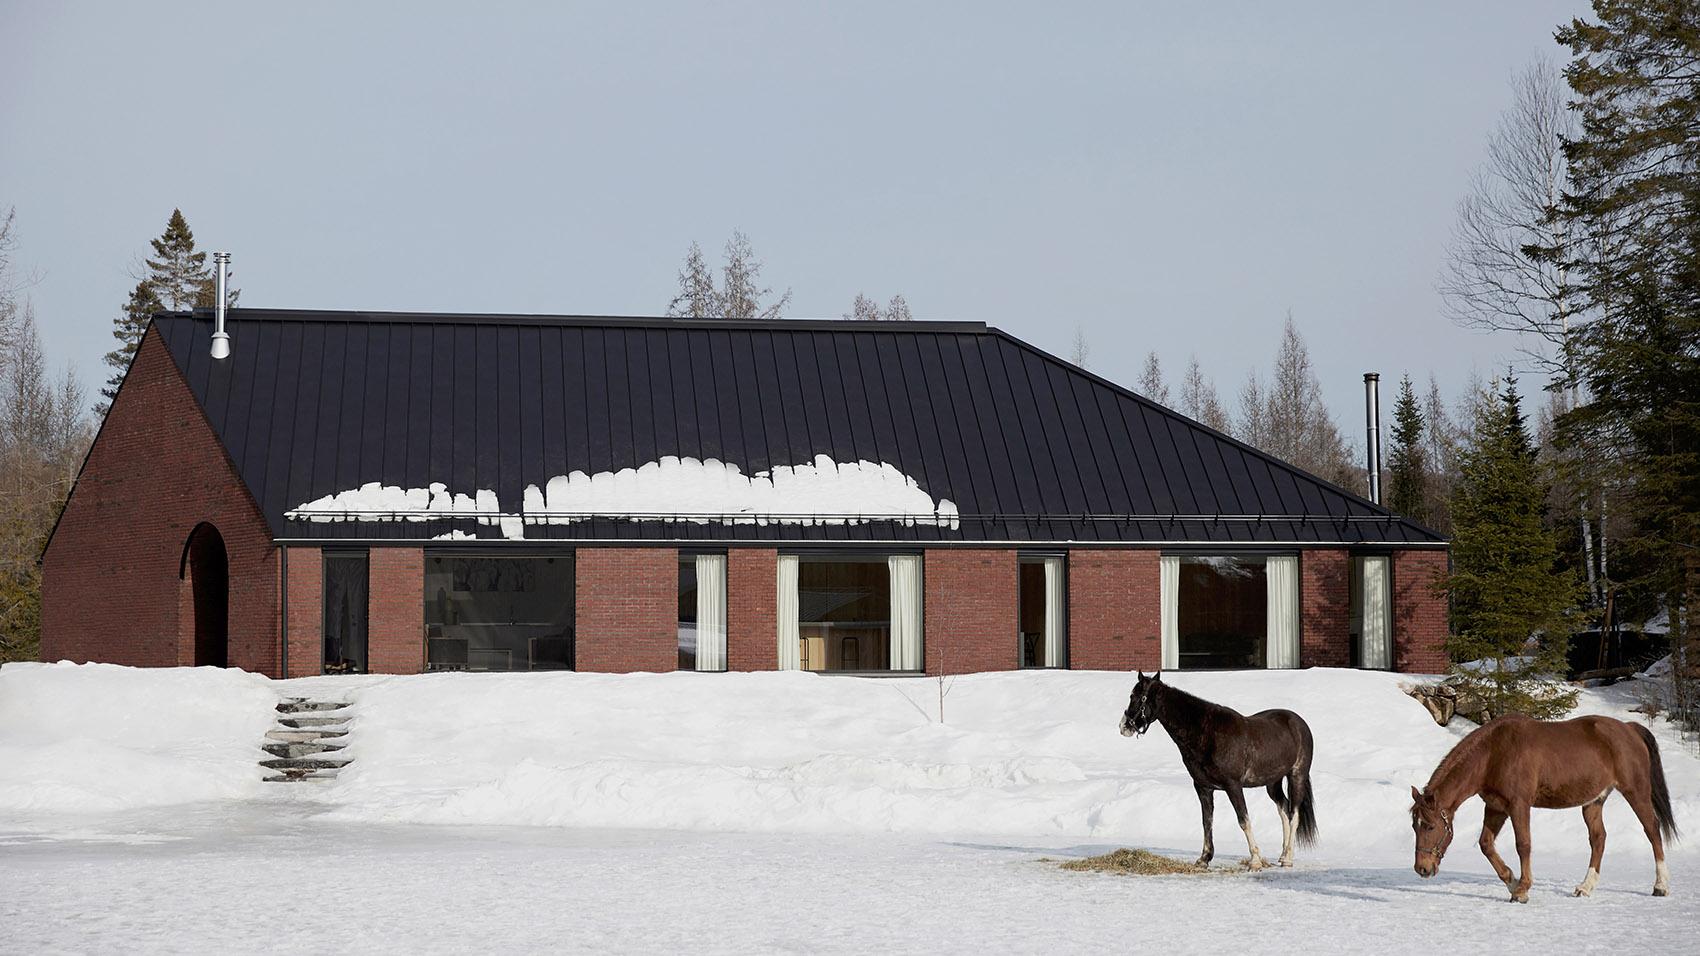 加拿大有组织和感性体验Gauthier住宅